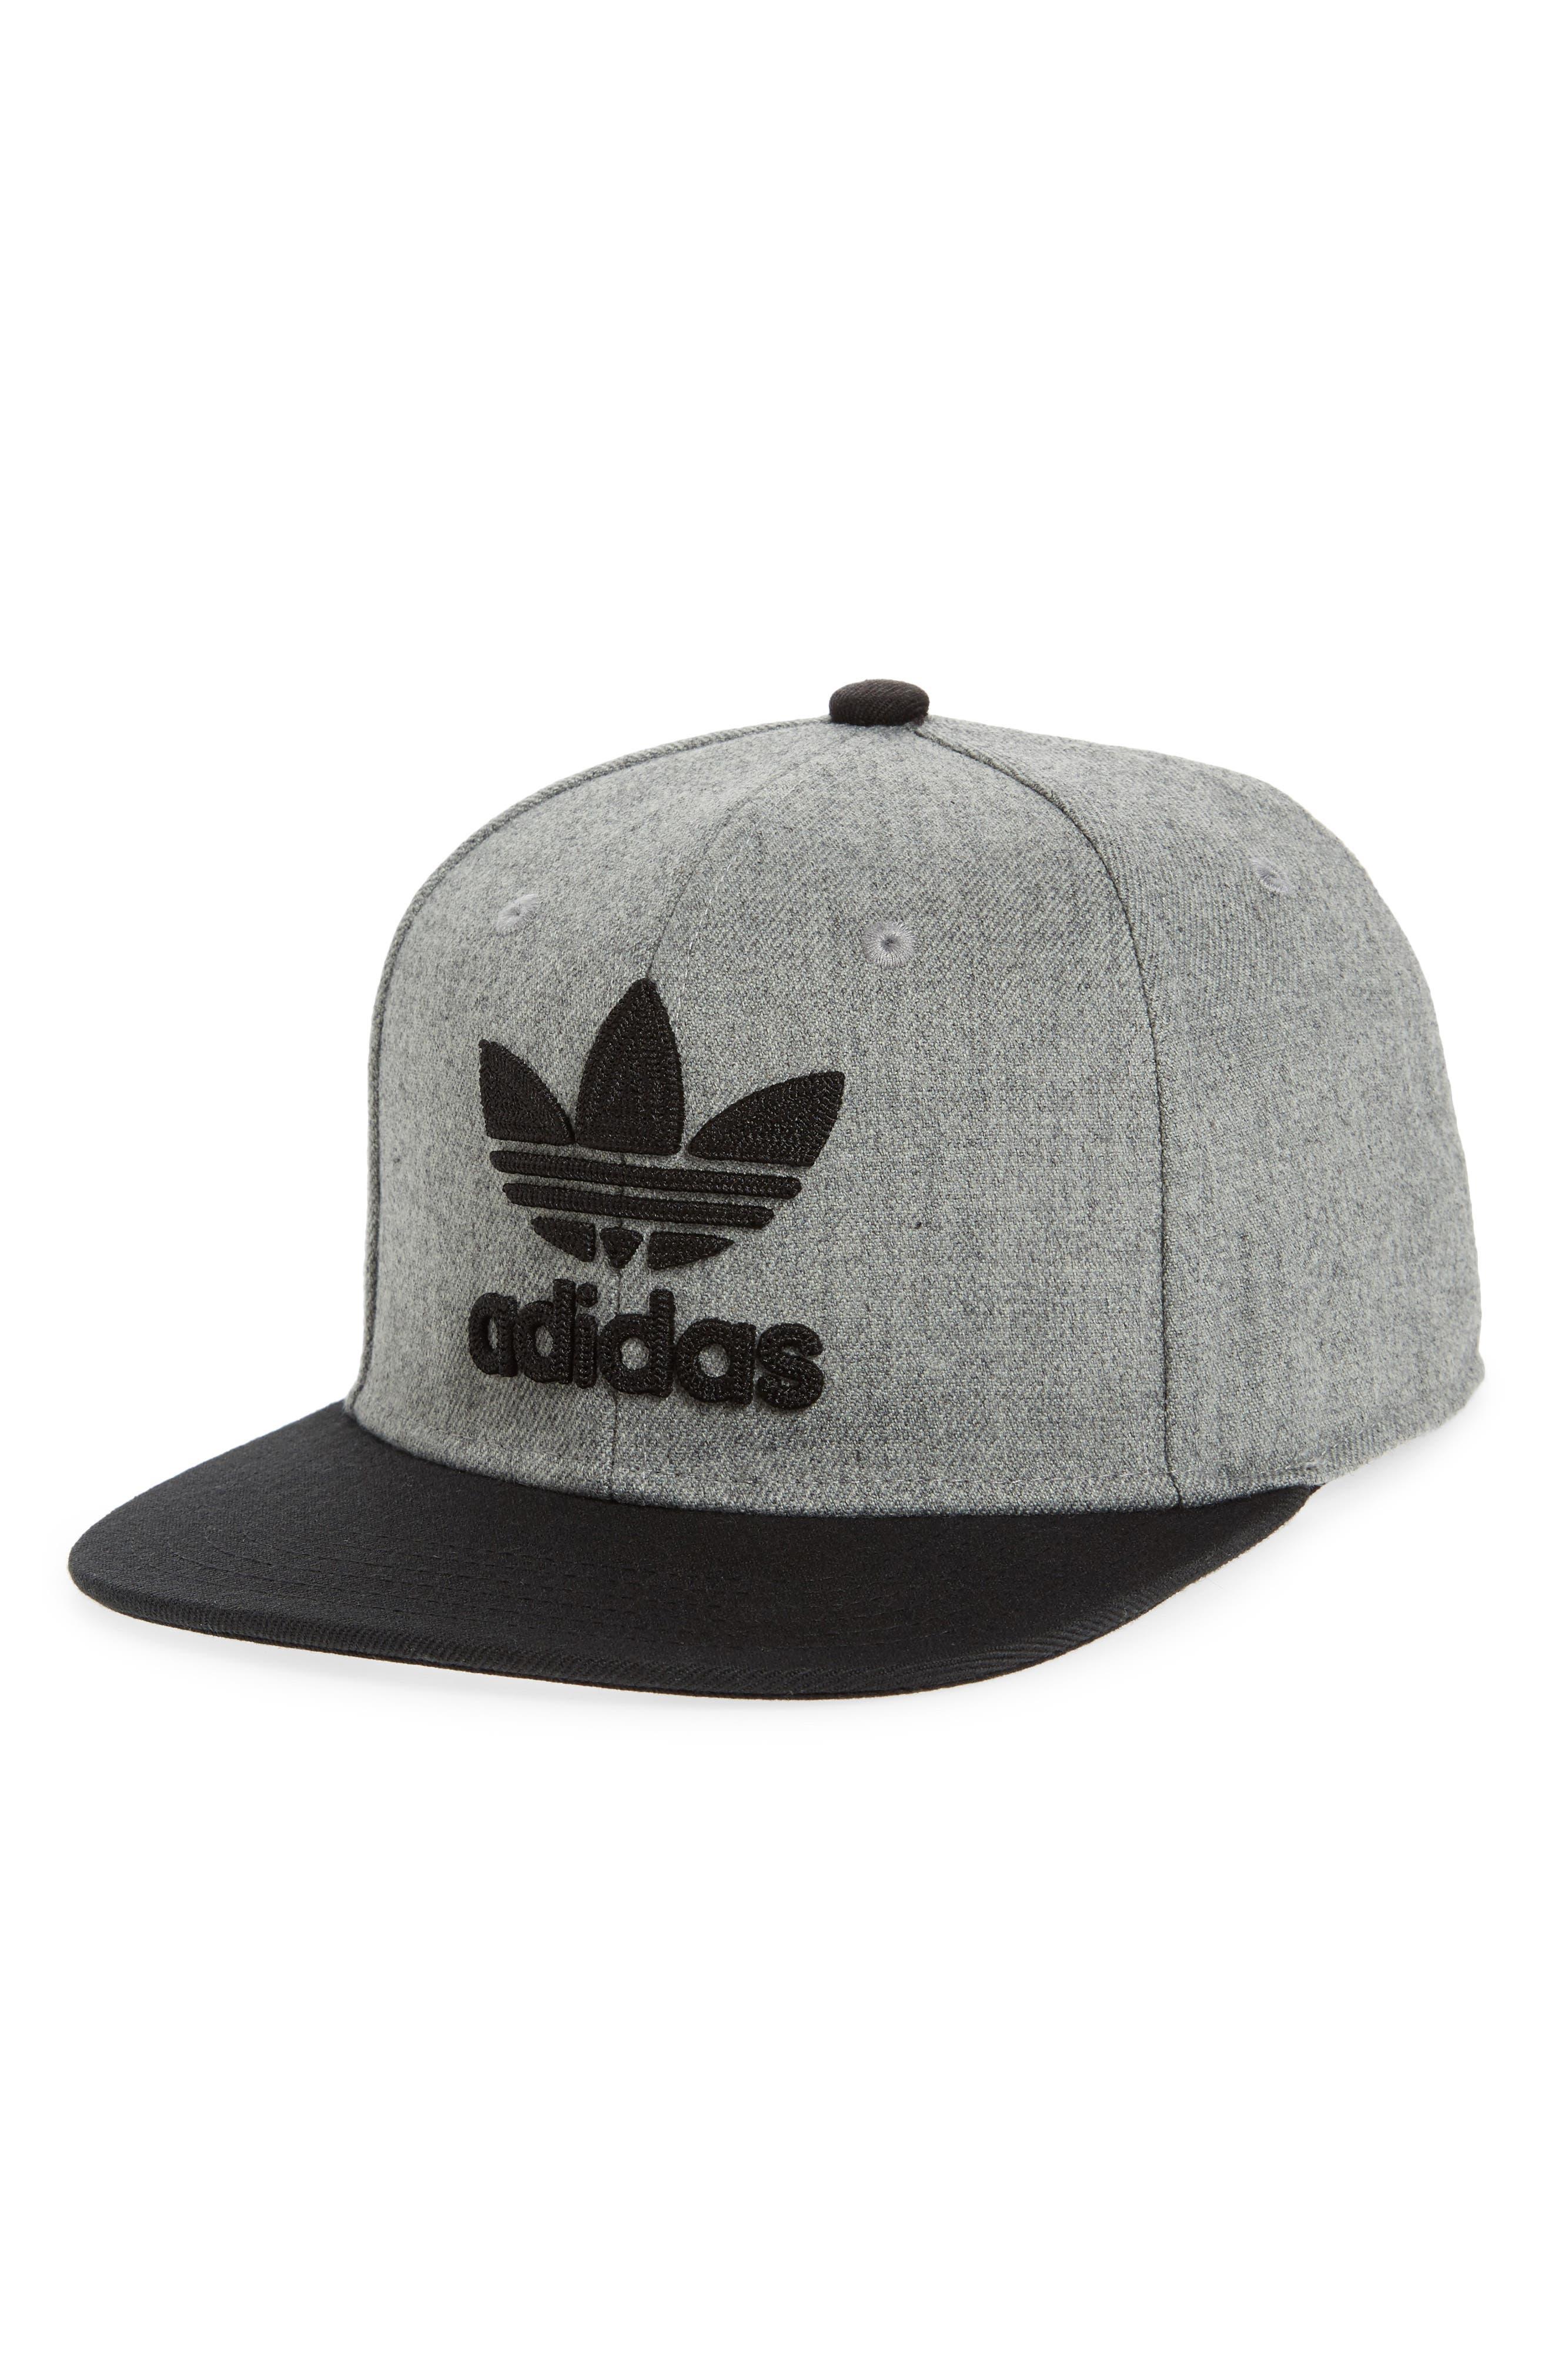 a8378f4f Adidas Originals Adidas Men's Originals Trefoil Chain Snapback Hat, ...